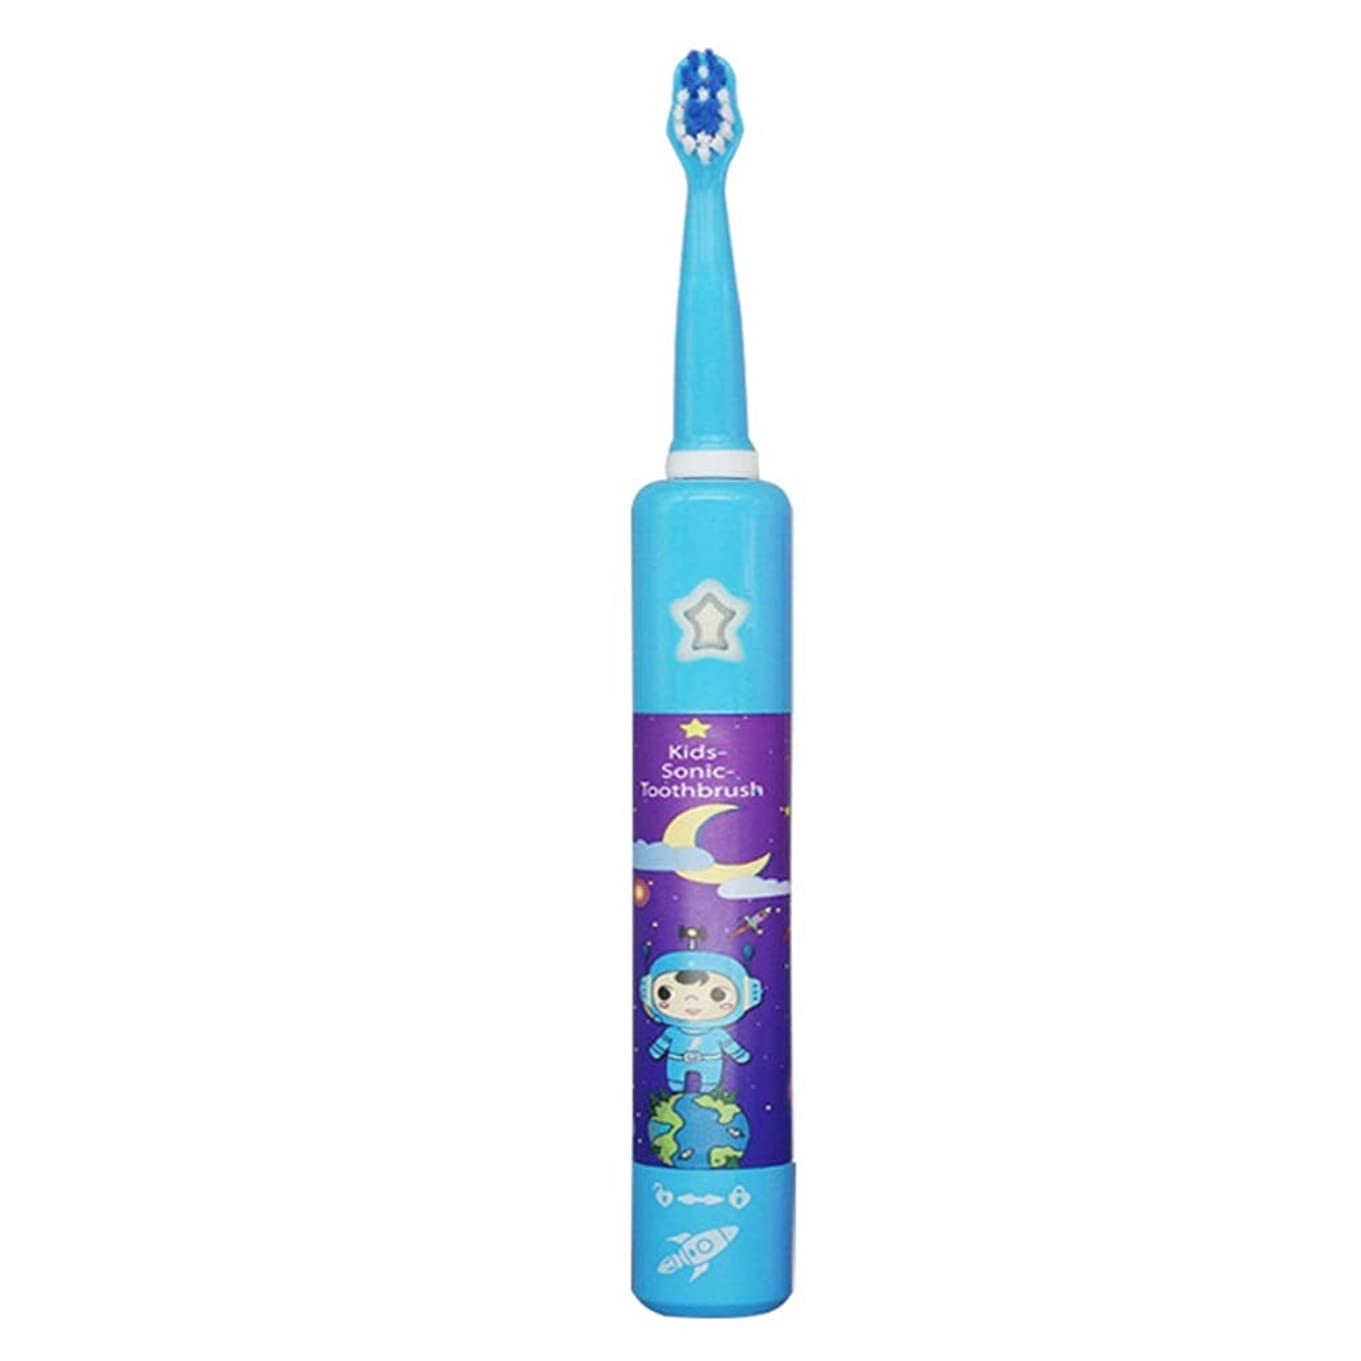 自動歯ブラシ 子供のかわいい柔らかい髪の音楽電気USB充電式歯ブラシ付きホルダーと1個の交換用ヘッド (色 : 青, サイズ : Free size)